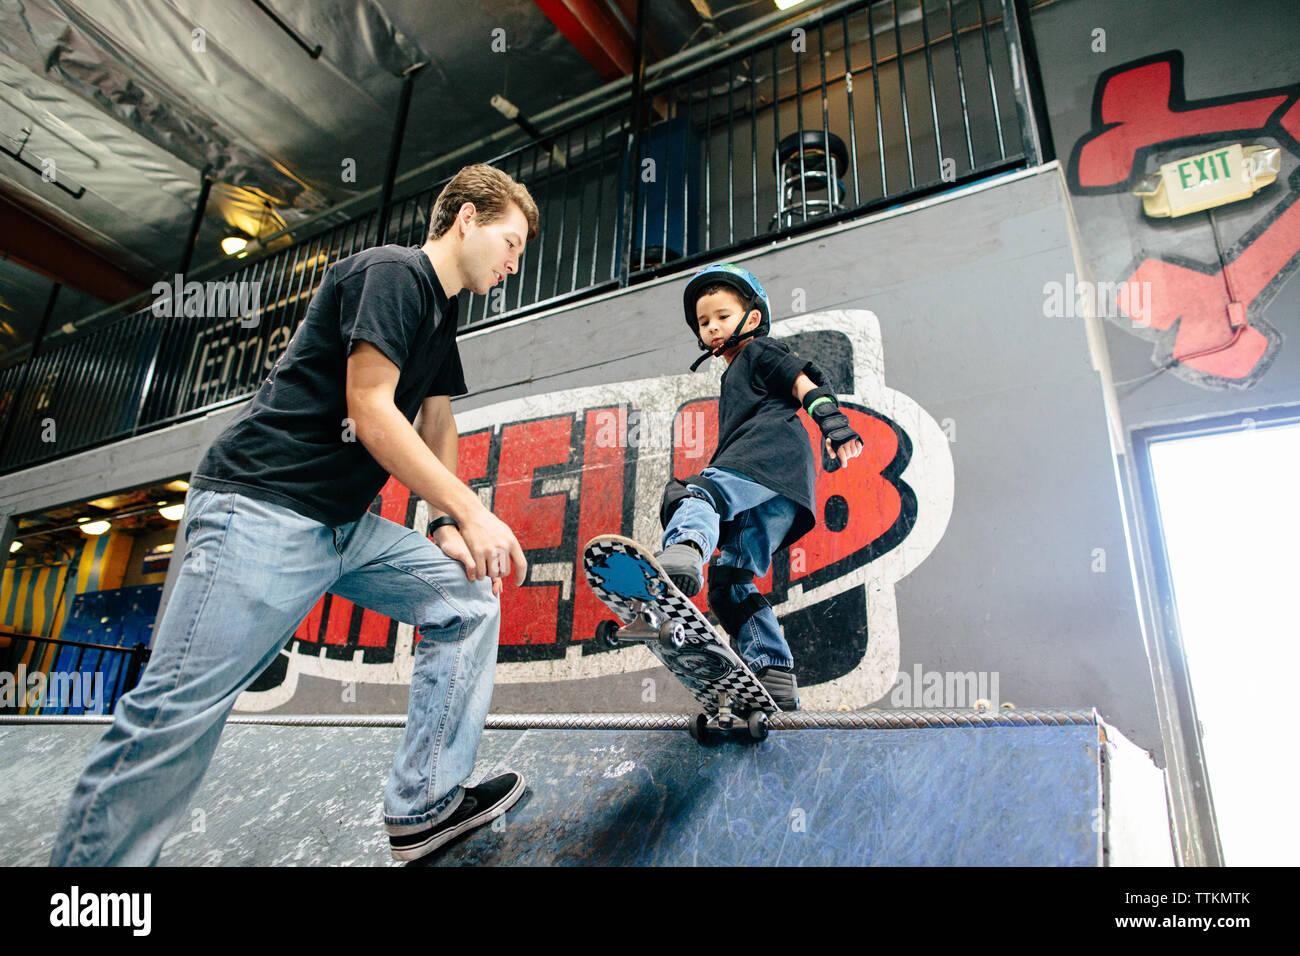 Joven se prepara para caer en una rampa de skate con ayuda del instructor Foto de stock